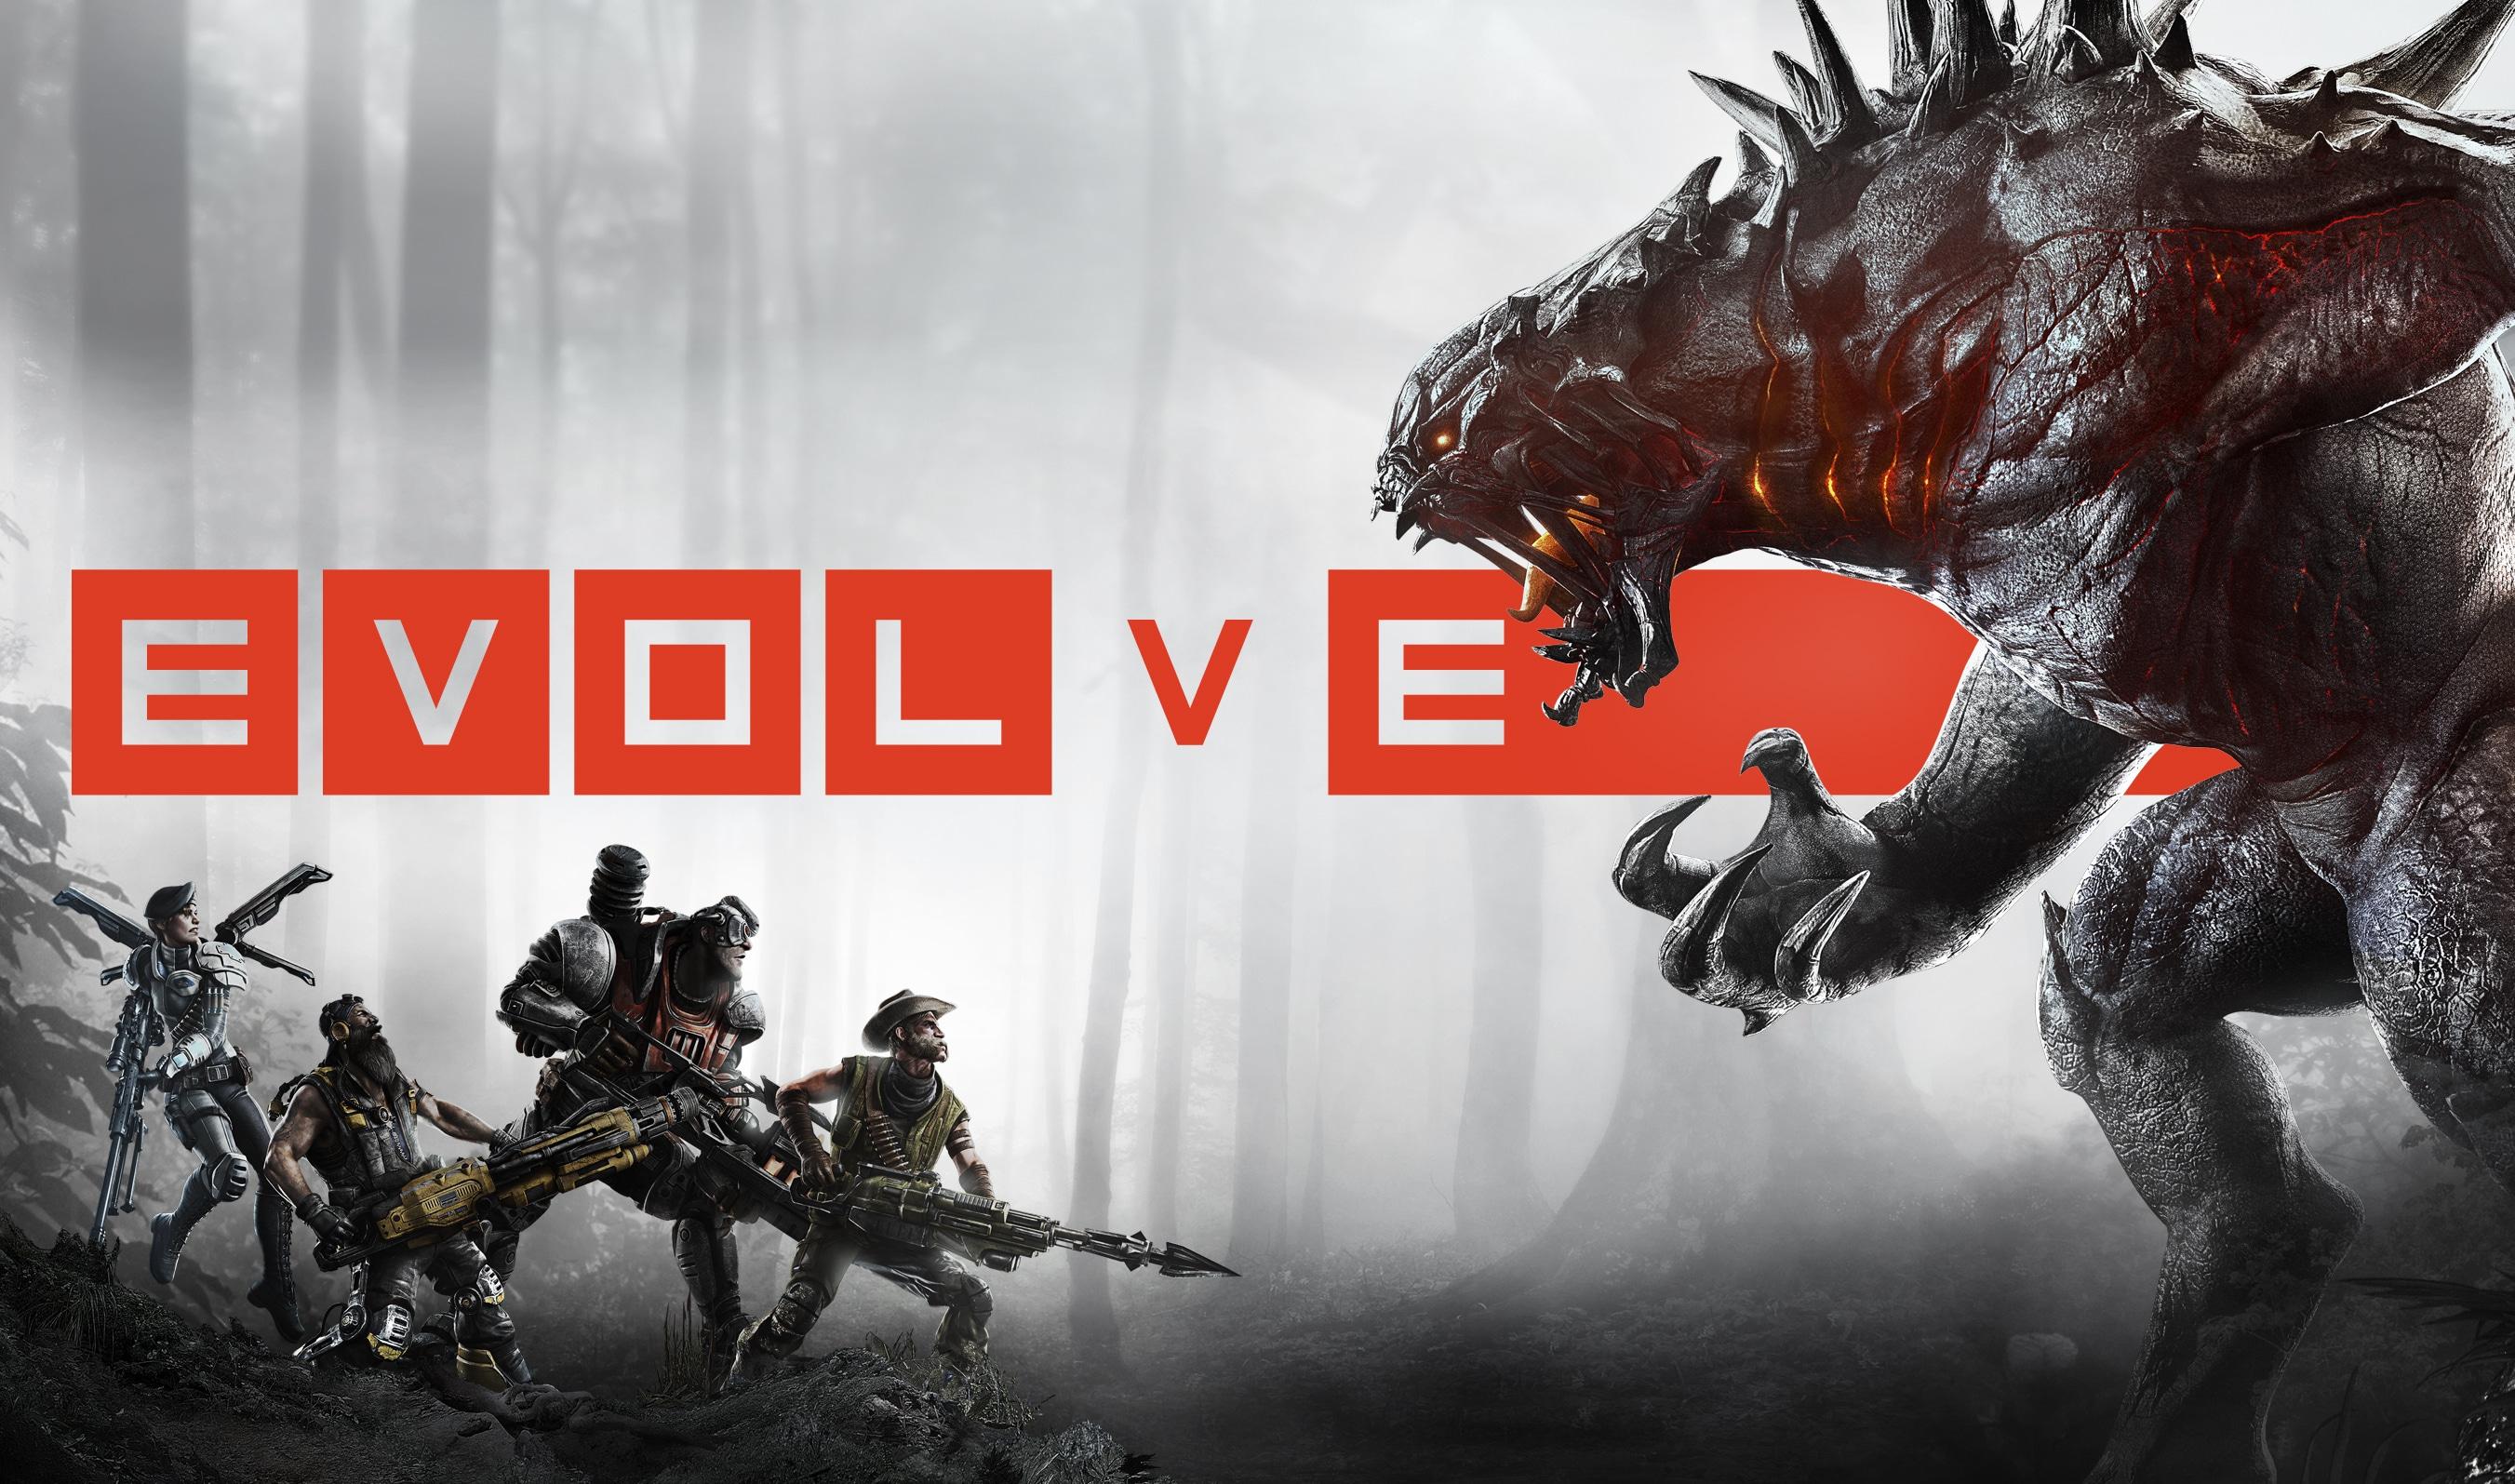 Bild von Evolve: Evacution mit drei neuen Spielmodi angekündigt